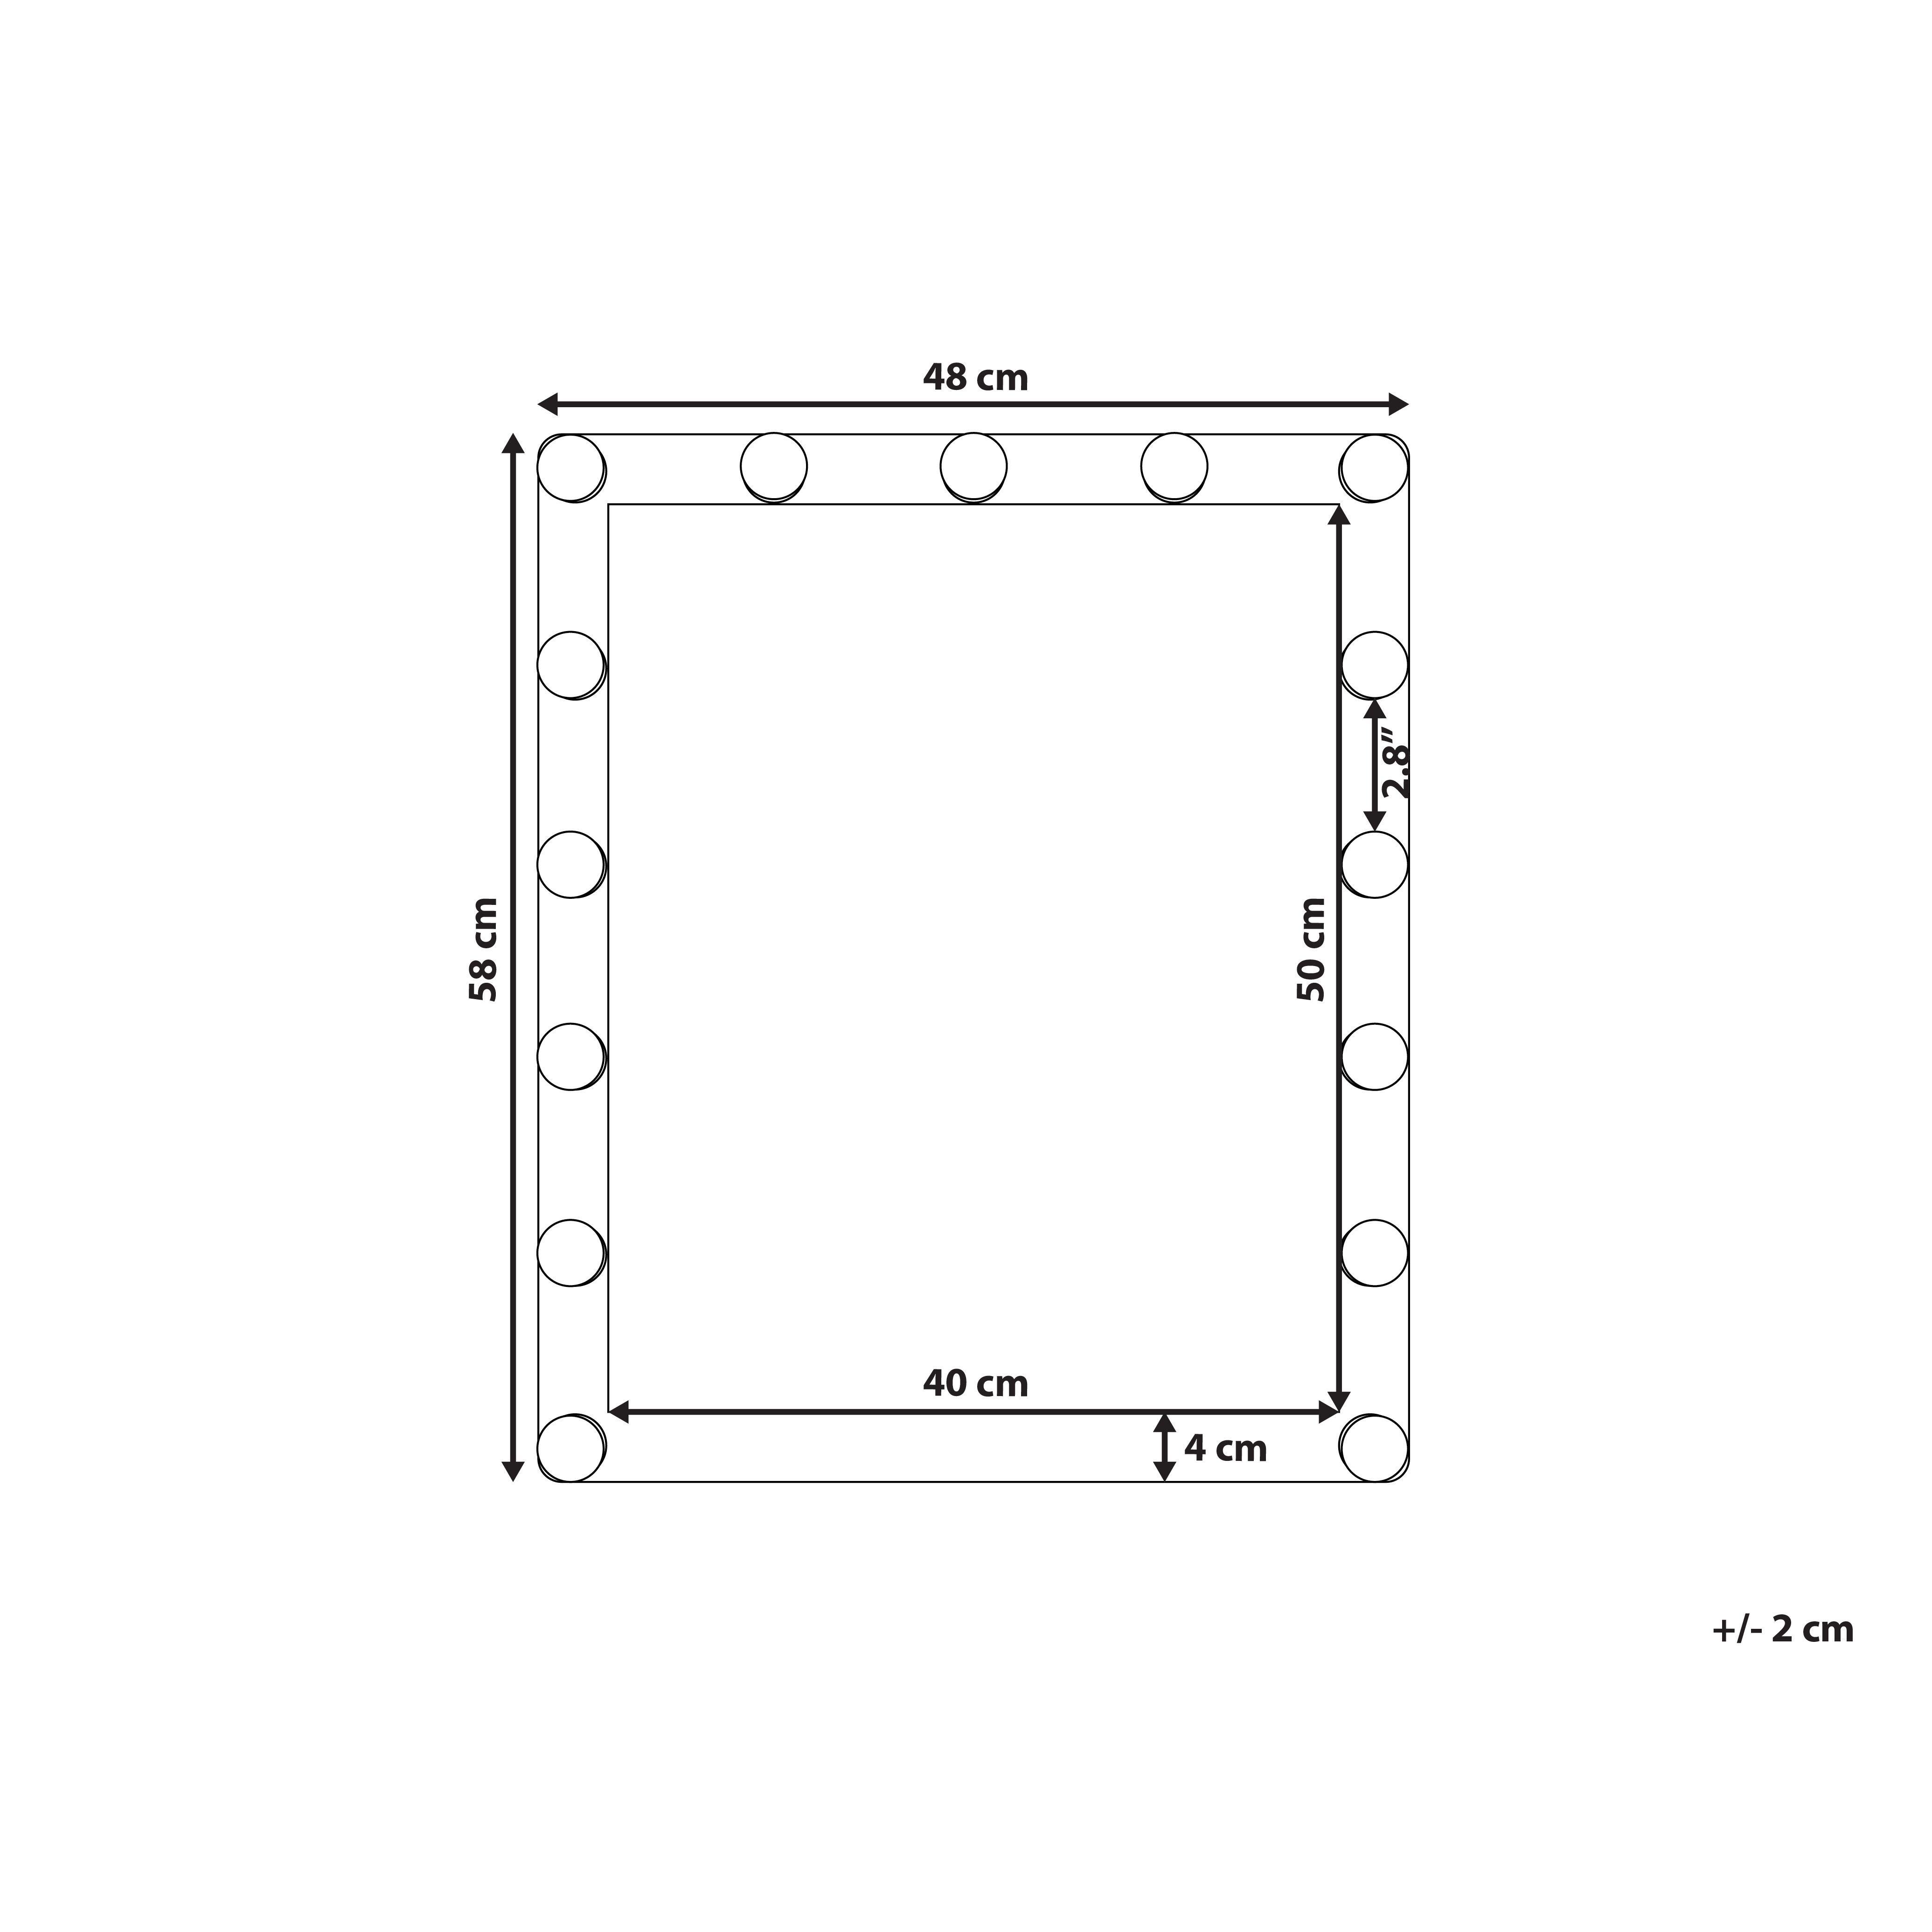 Badspiegel Mit Led Beleuchtung Rechteckig 50 X 60 Cm Odenas In 2020 Outdoor Structures